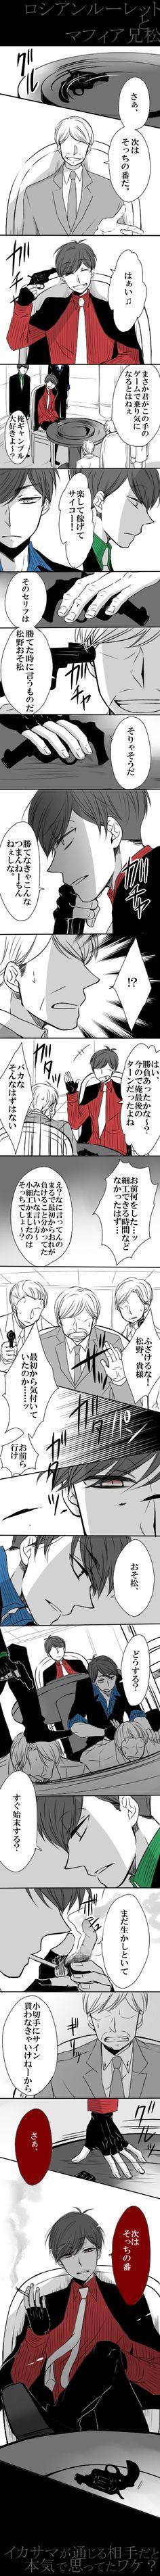 If only I understood what they were saying. Manga Boy, Manga Anime, Anime Art, Sakura Haruno, Otaku, Osomatsu San Doujinshi, Narusasu, Howls Moving Castle, Reborn Katekyo Hitman